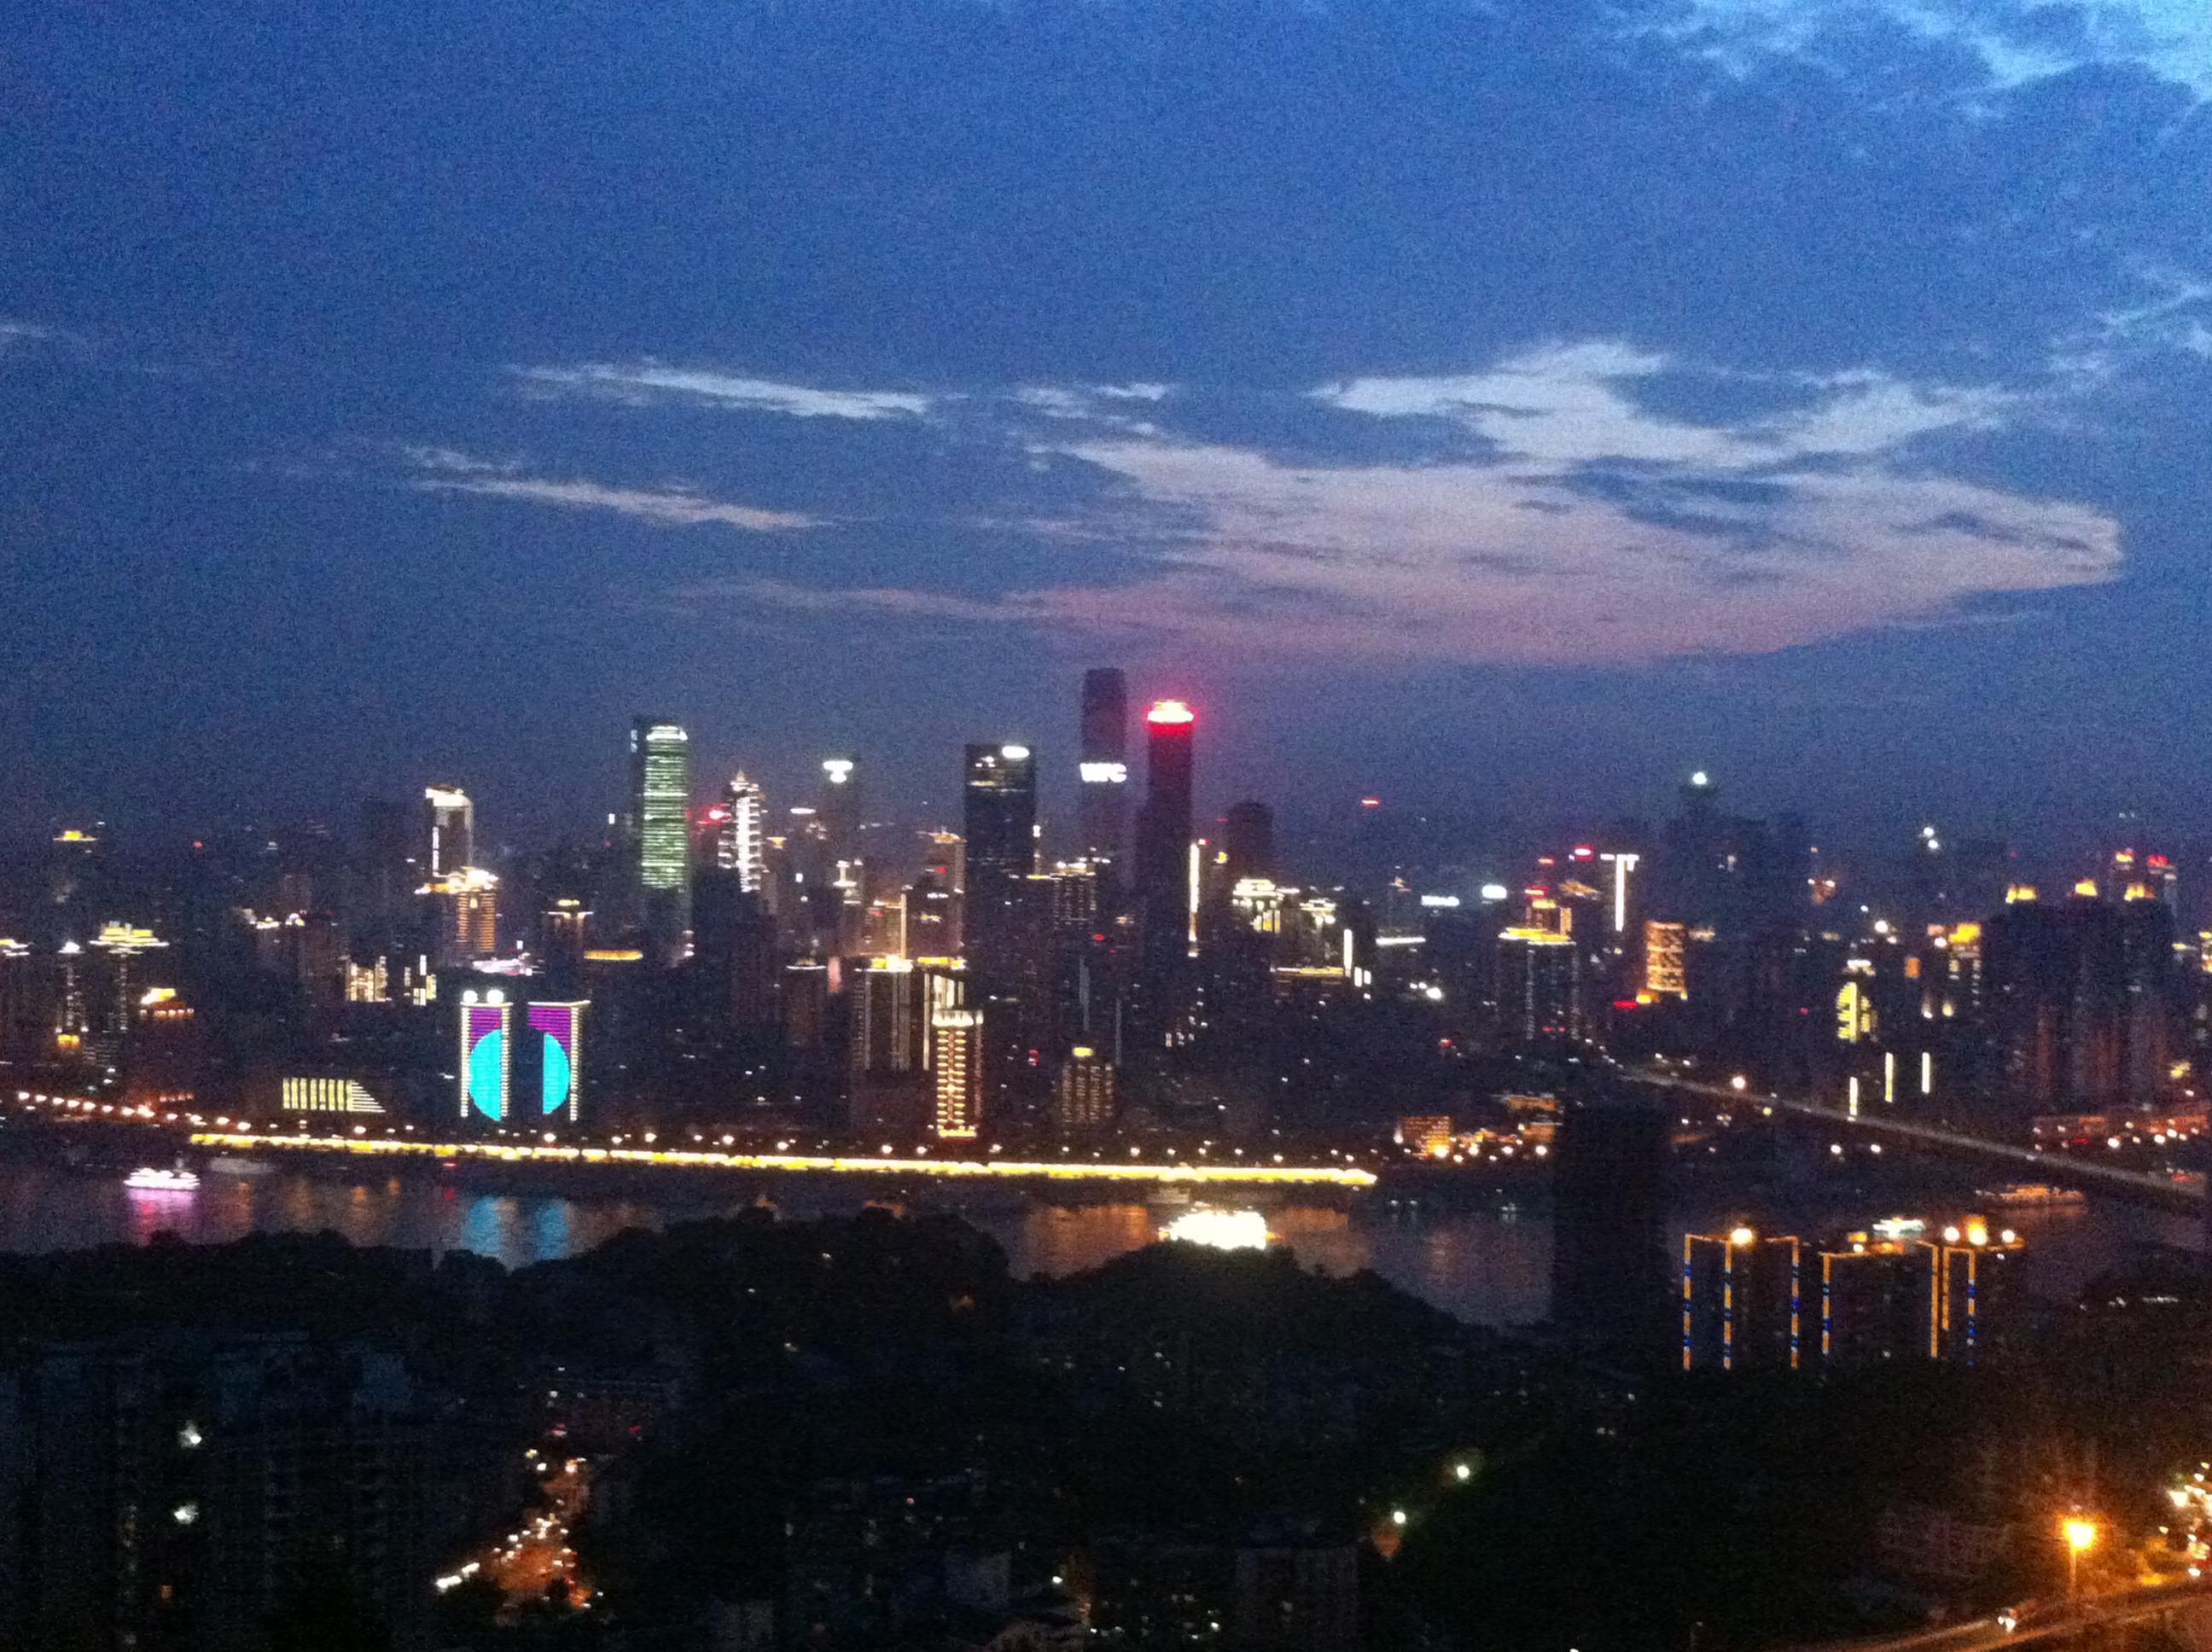 北京、长白山、丹东9日游,哈尔滨v攻略攻略,去攻略天下夺图片